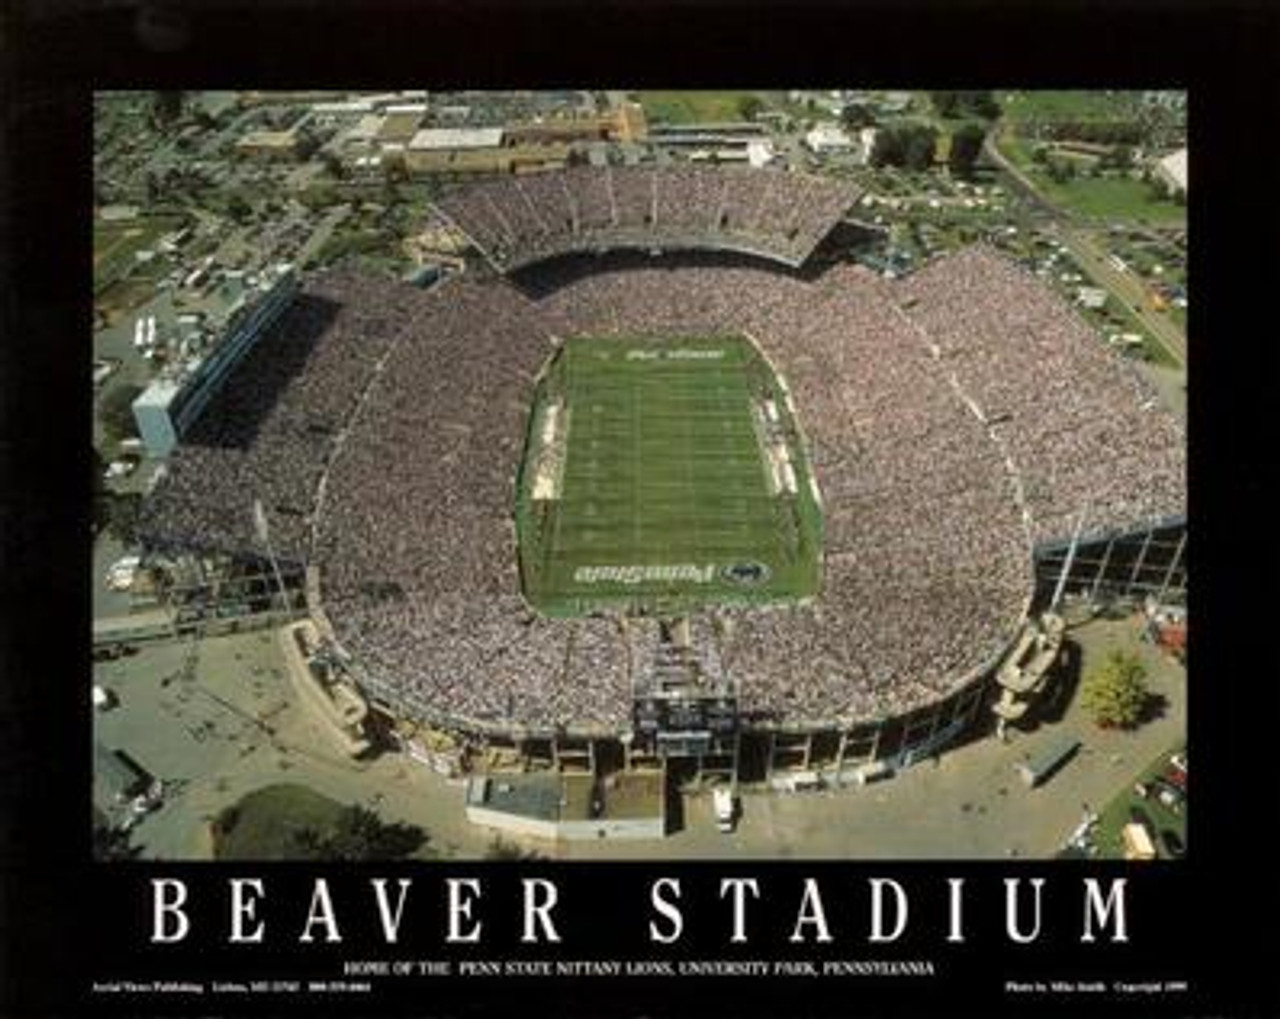 Beaver Stadium Aerial Poster